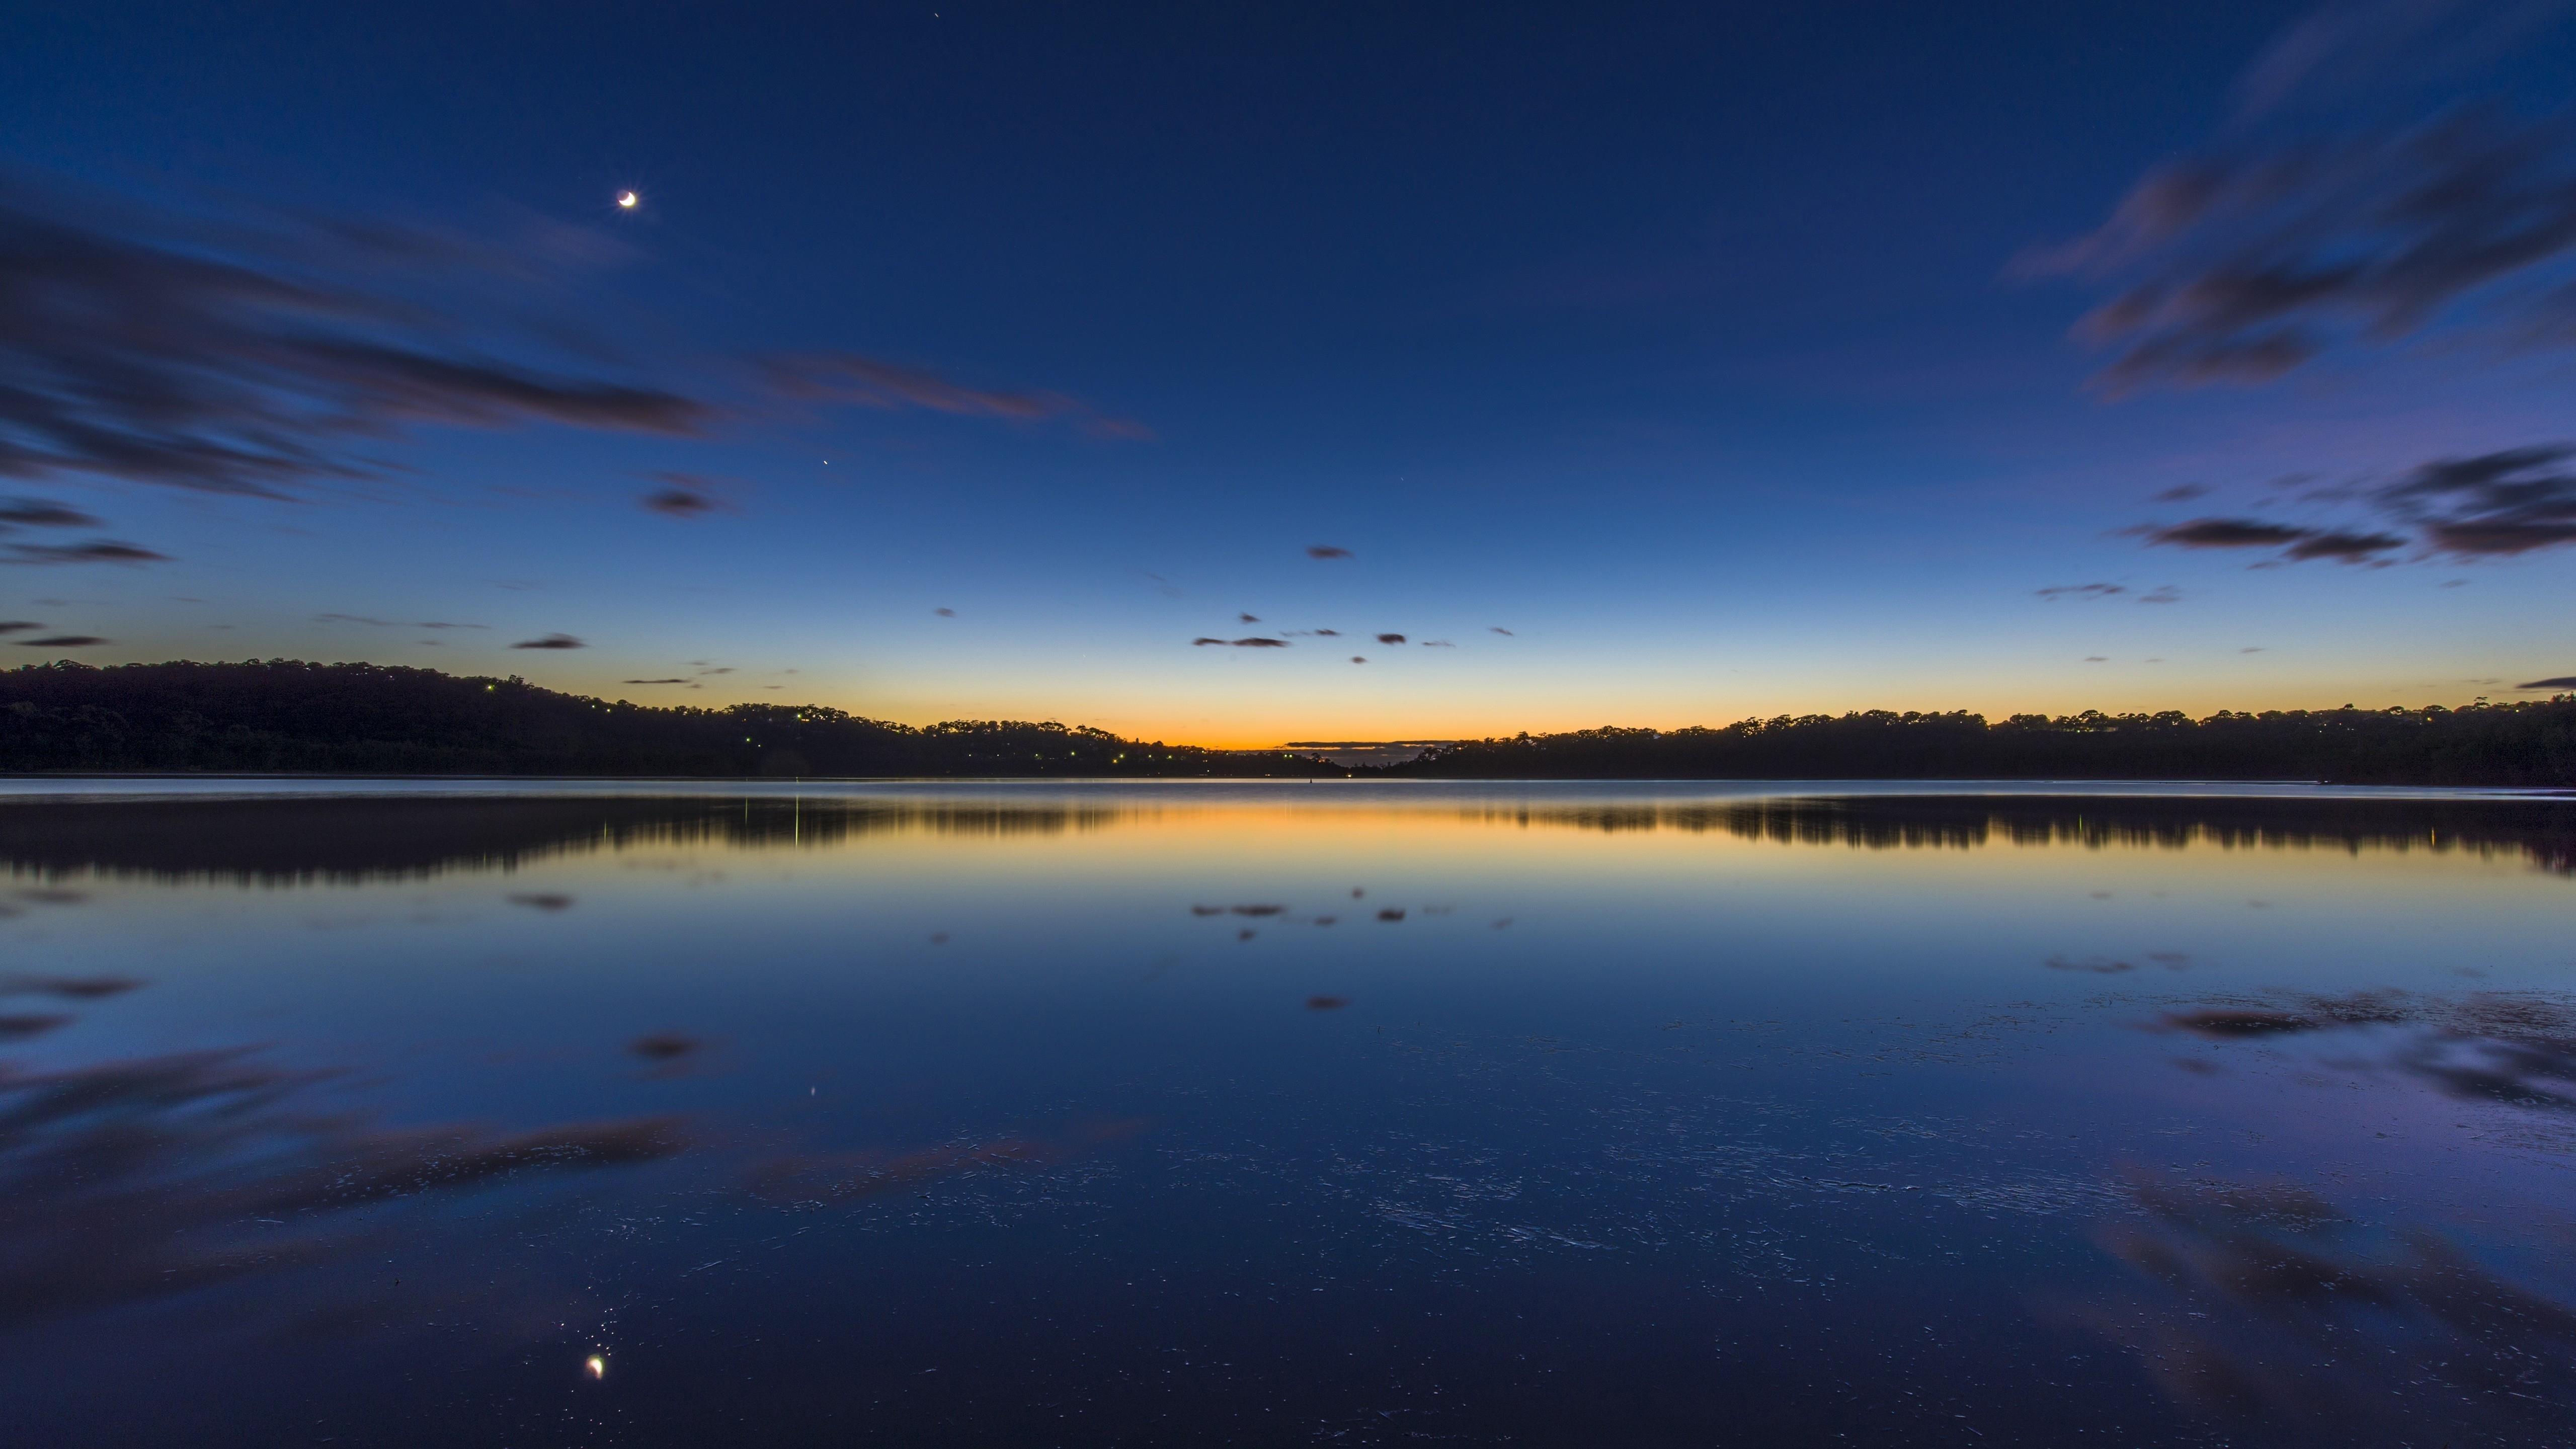 Австралия Озеро тихое утро обои скачать